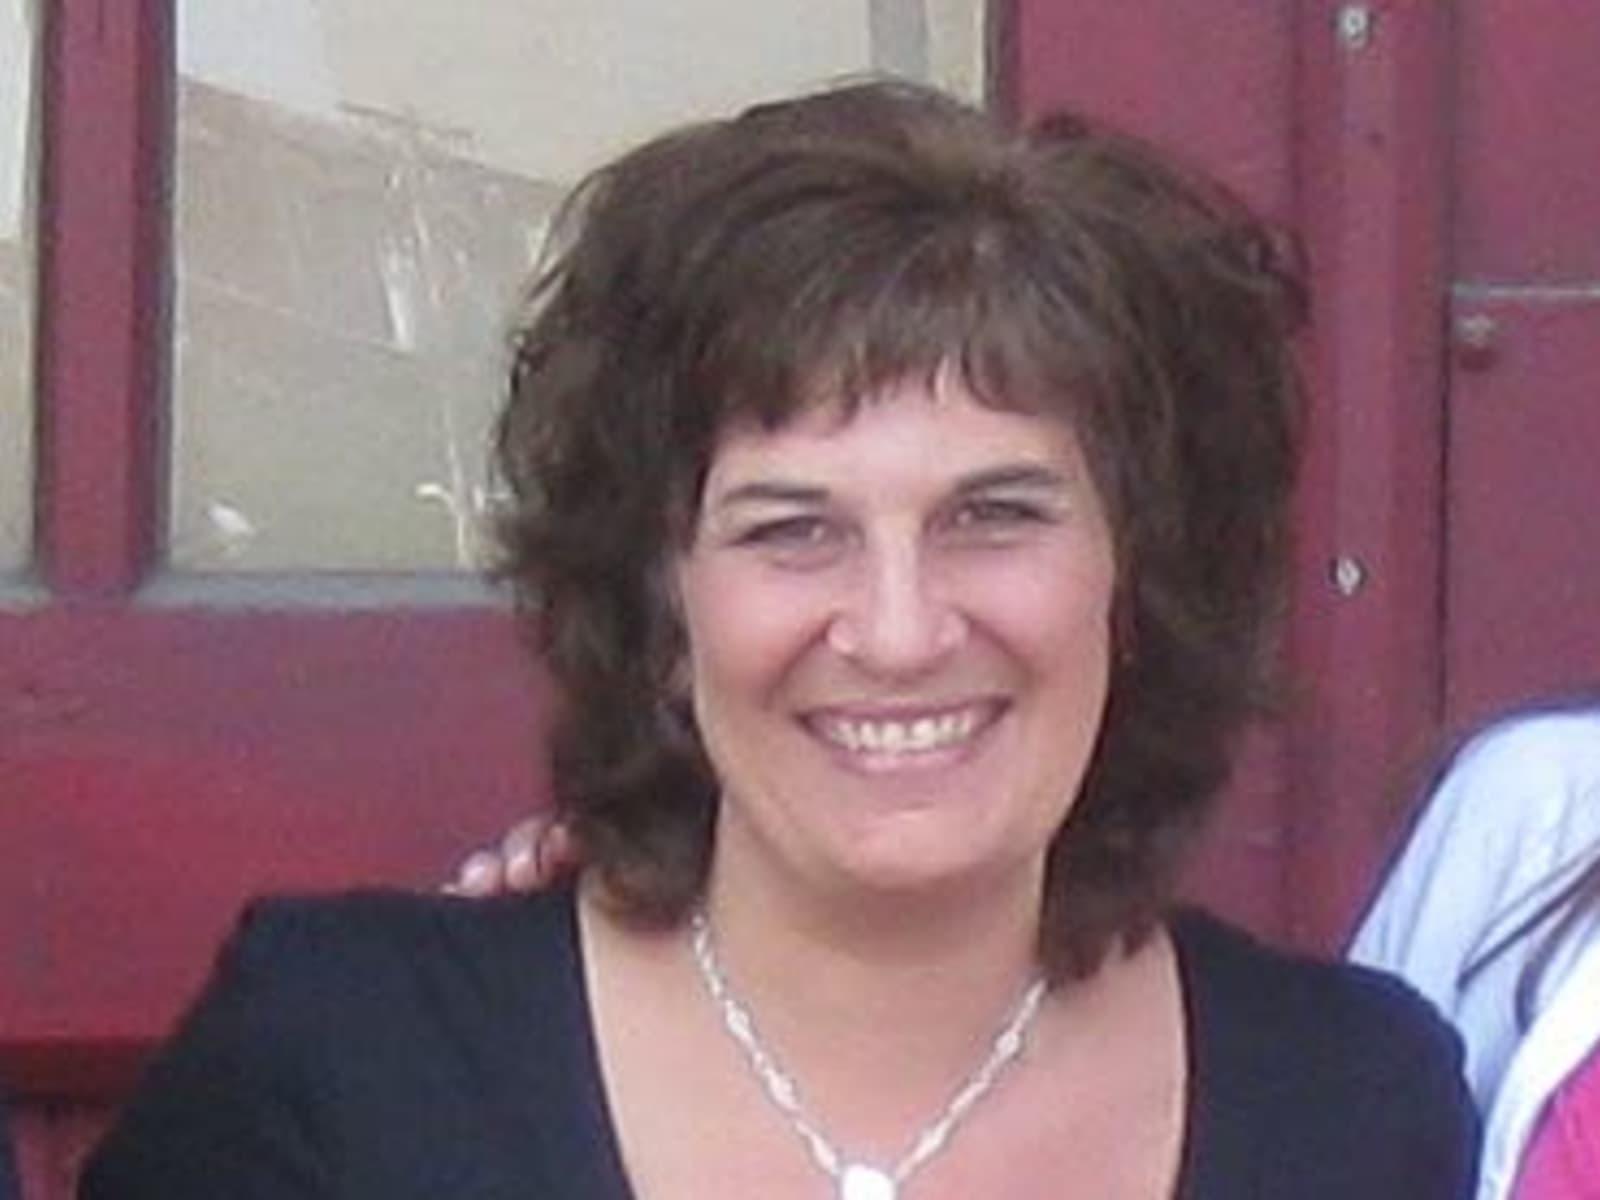 Cynthia from Minneapolis, Minnesota, United States